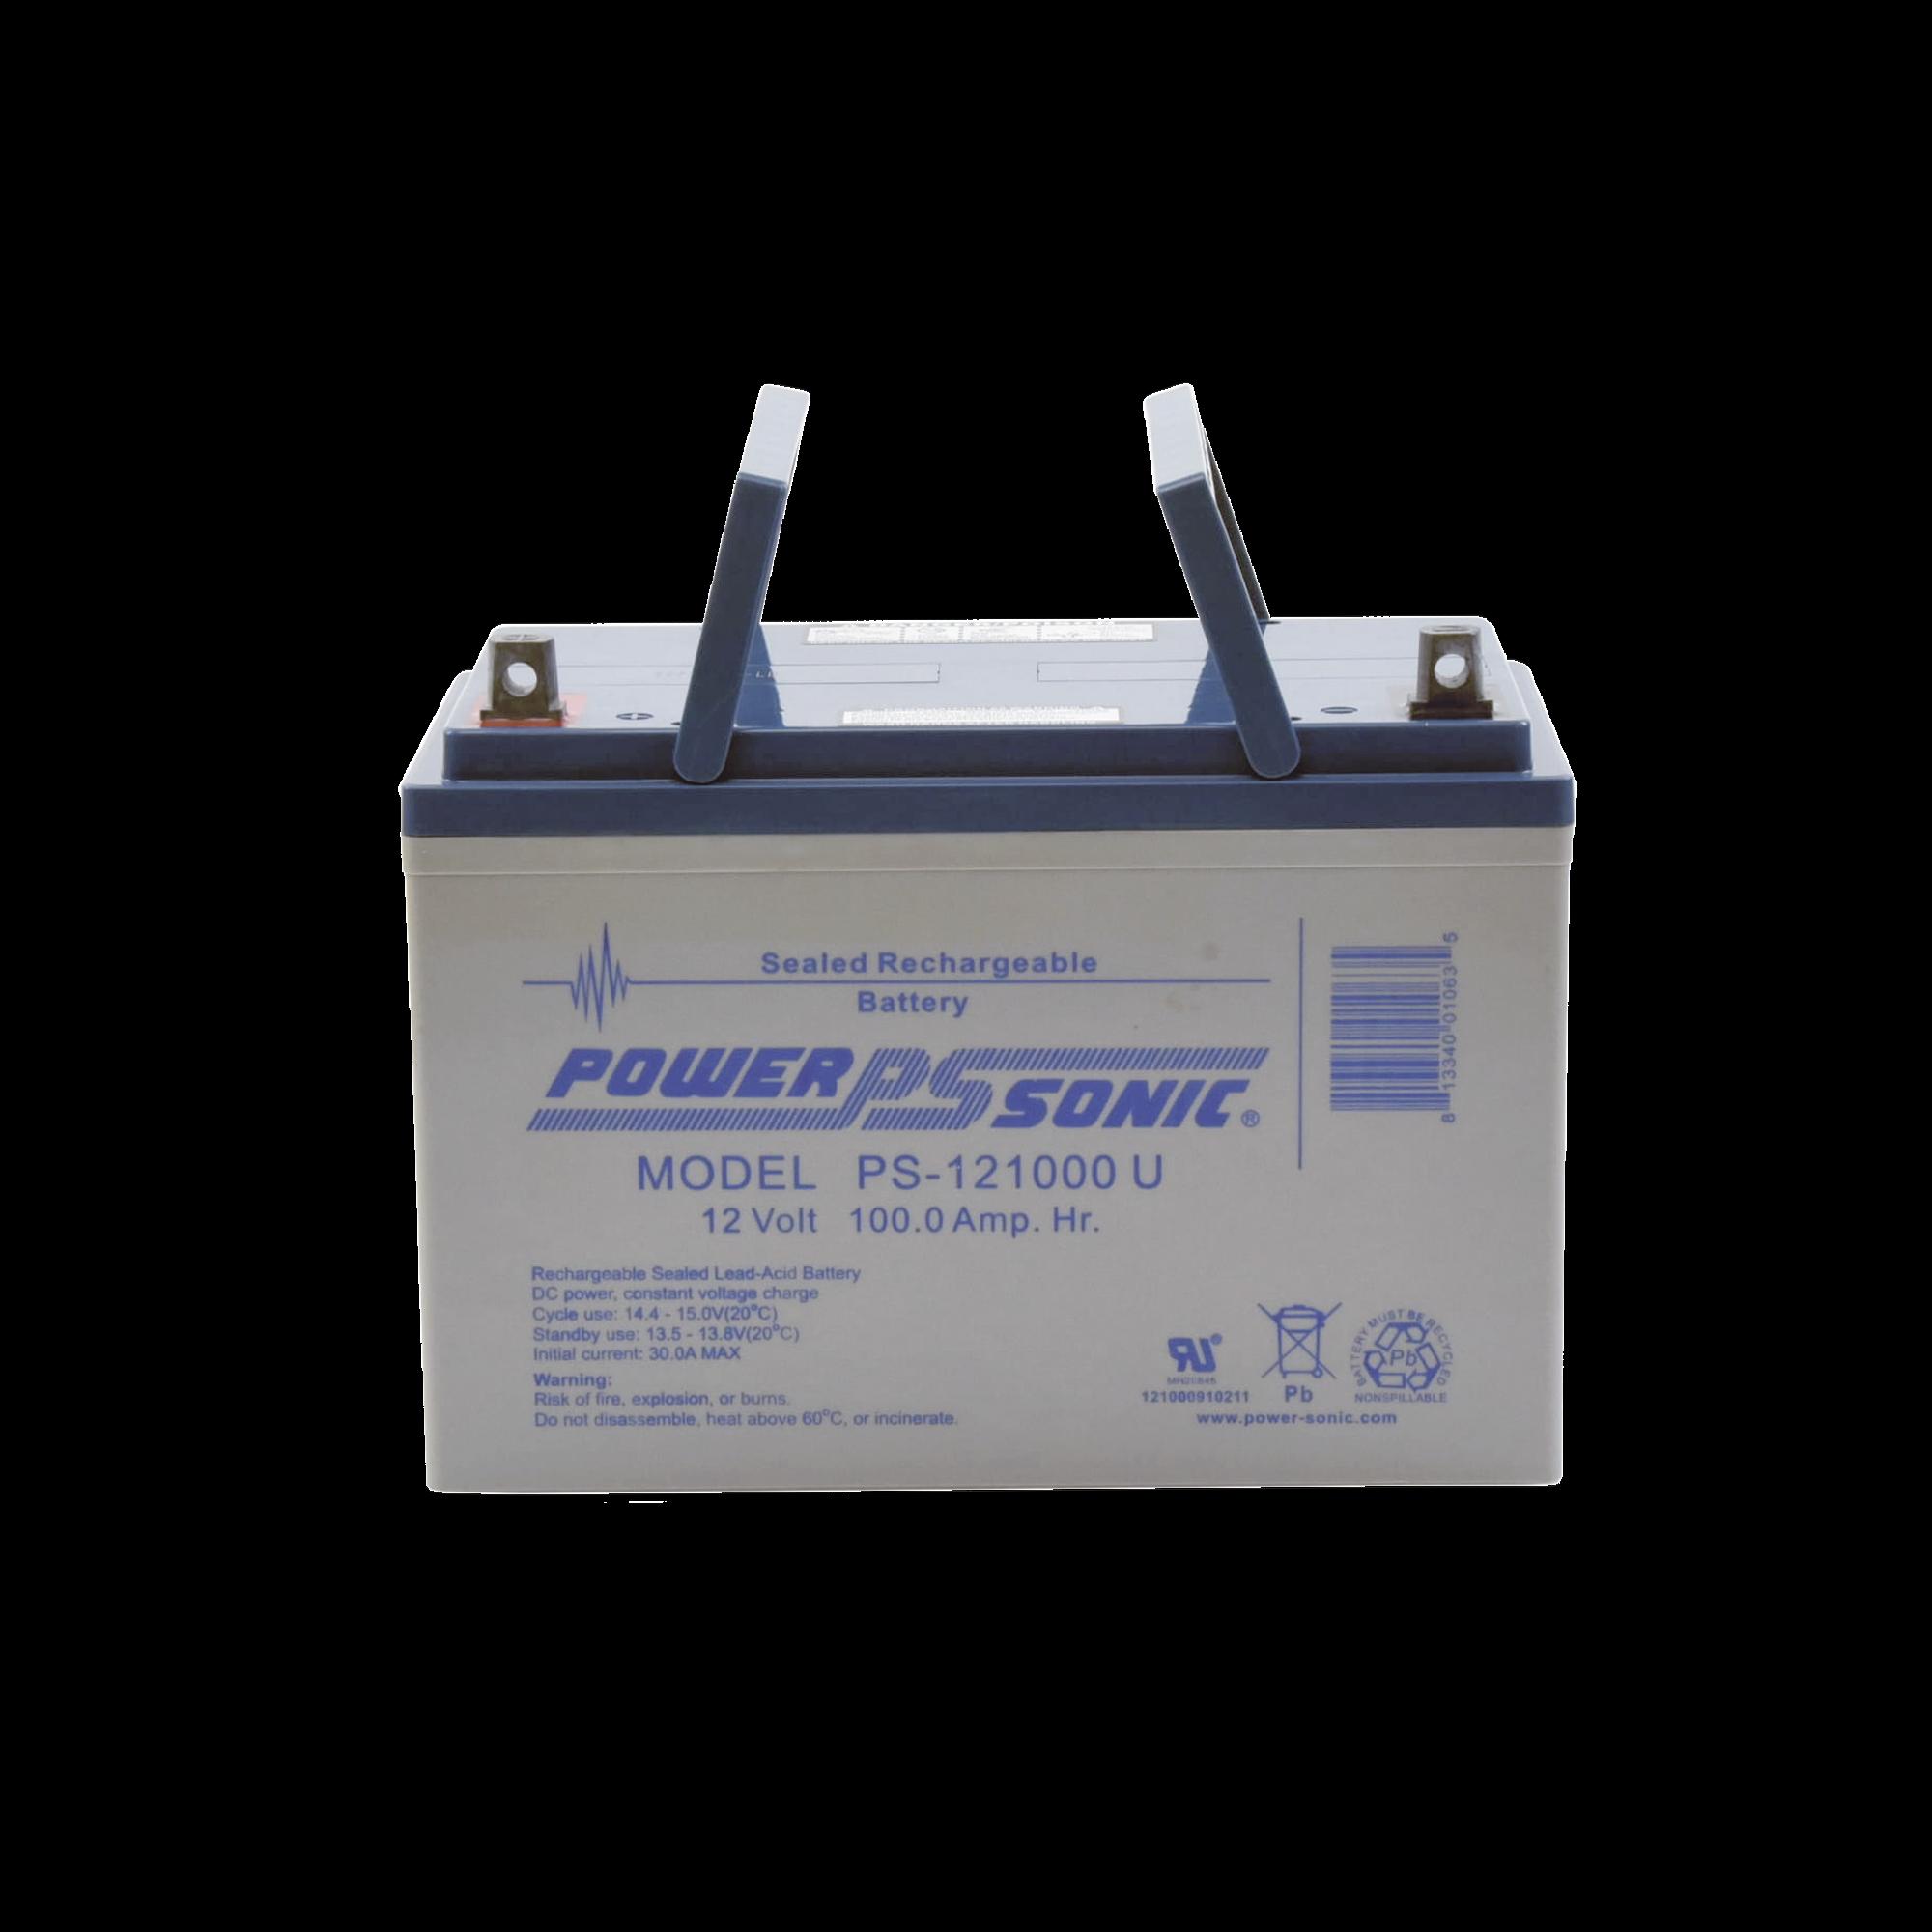 Batería de Respaldo UL de 12V 100AH, Ideal para Sistemas de Detección de Incendio, Control de Acceso, Intrusión y Videovigilancia